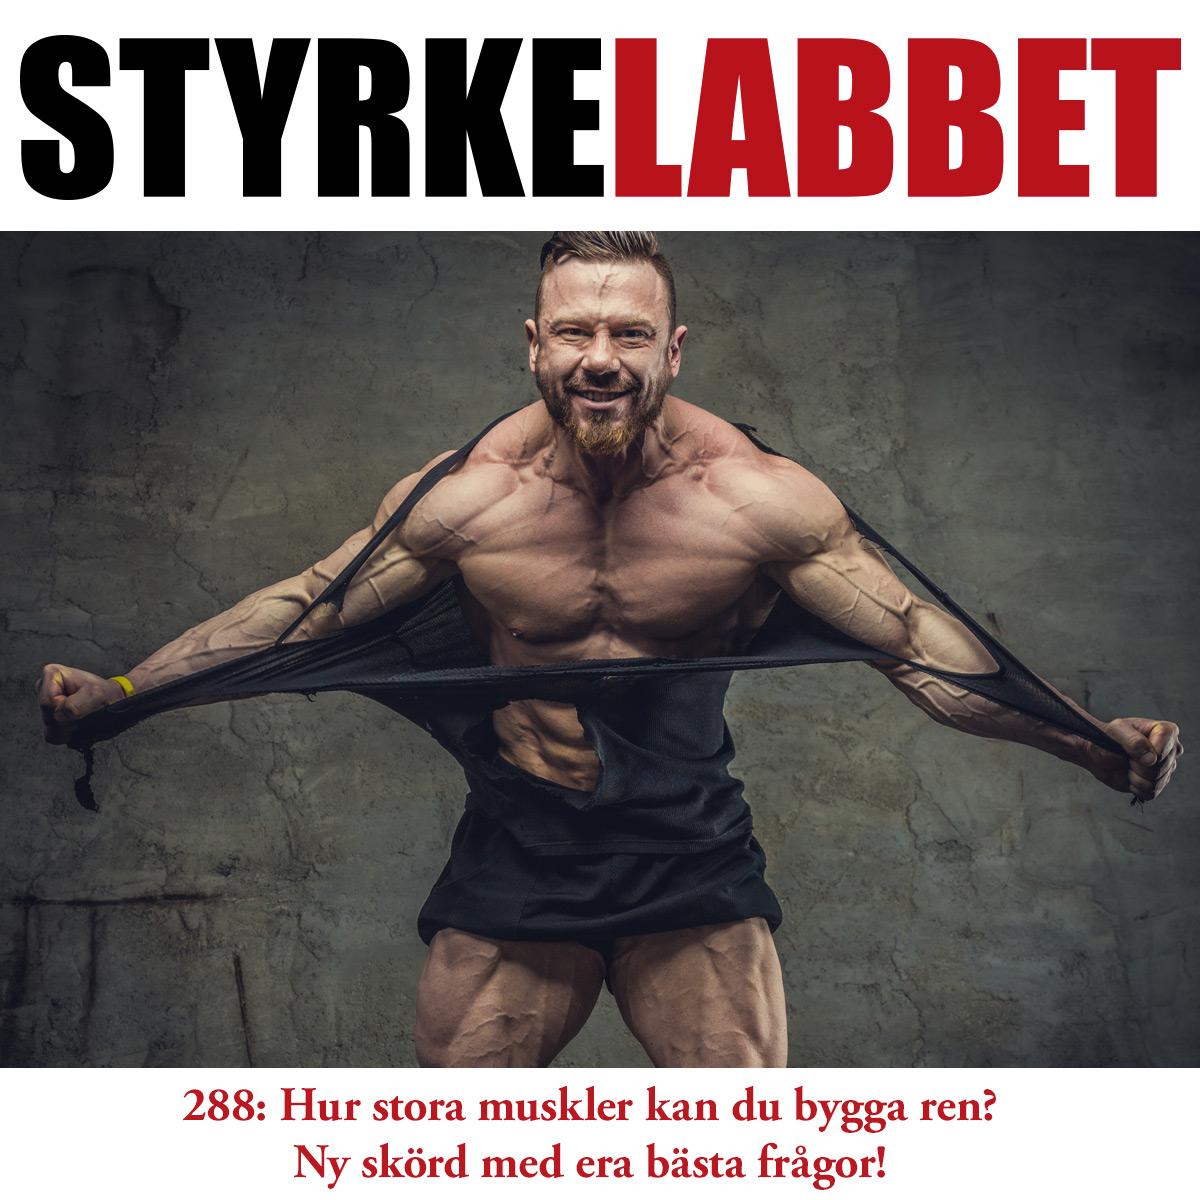 Styrkelabbet avsnitt 288: Hur stora muskler kan du bygga ren? Ny skörd med era bästa frågor!